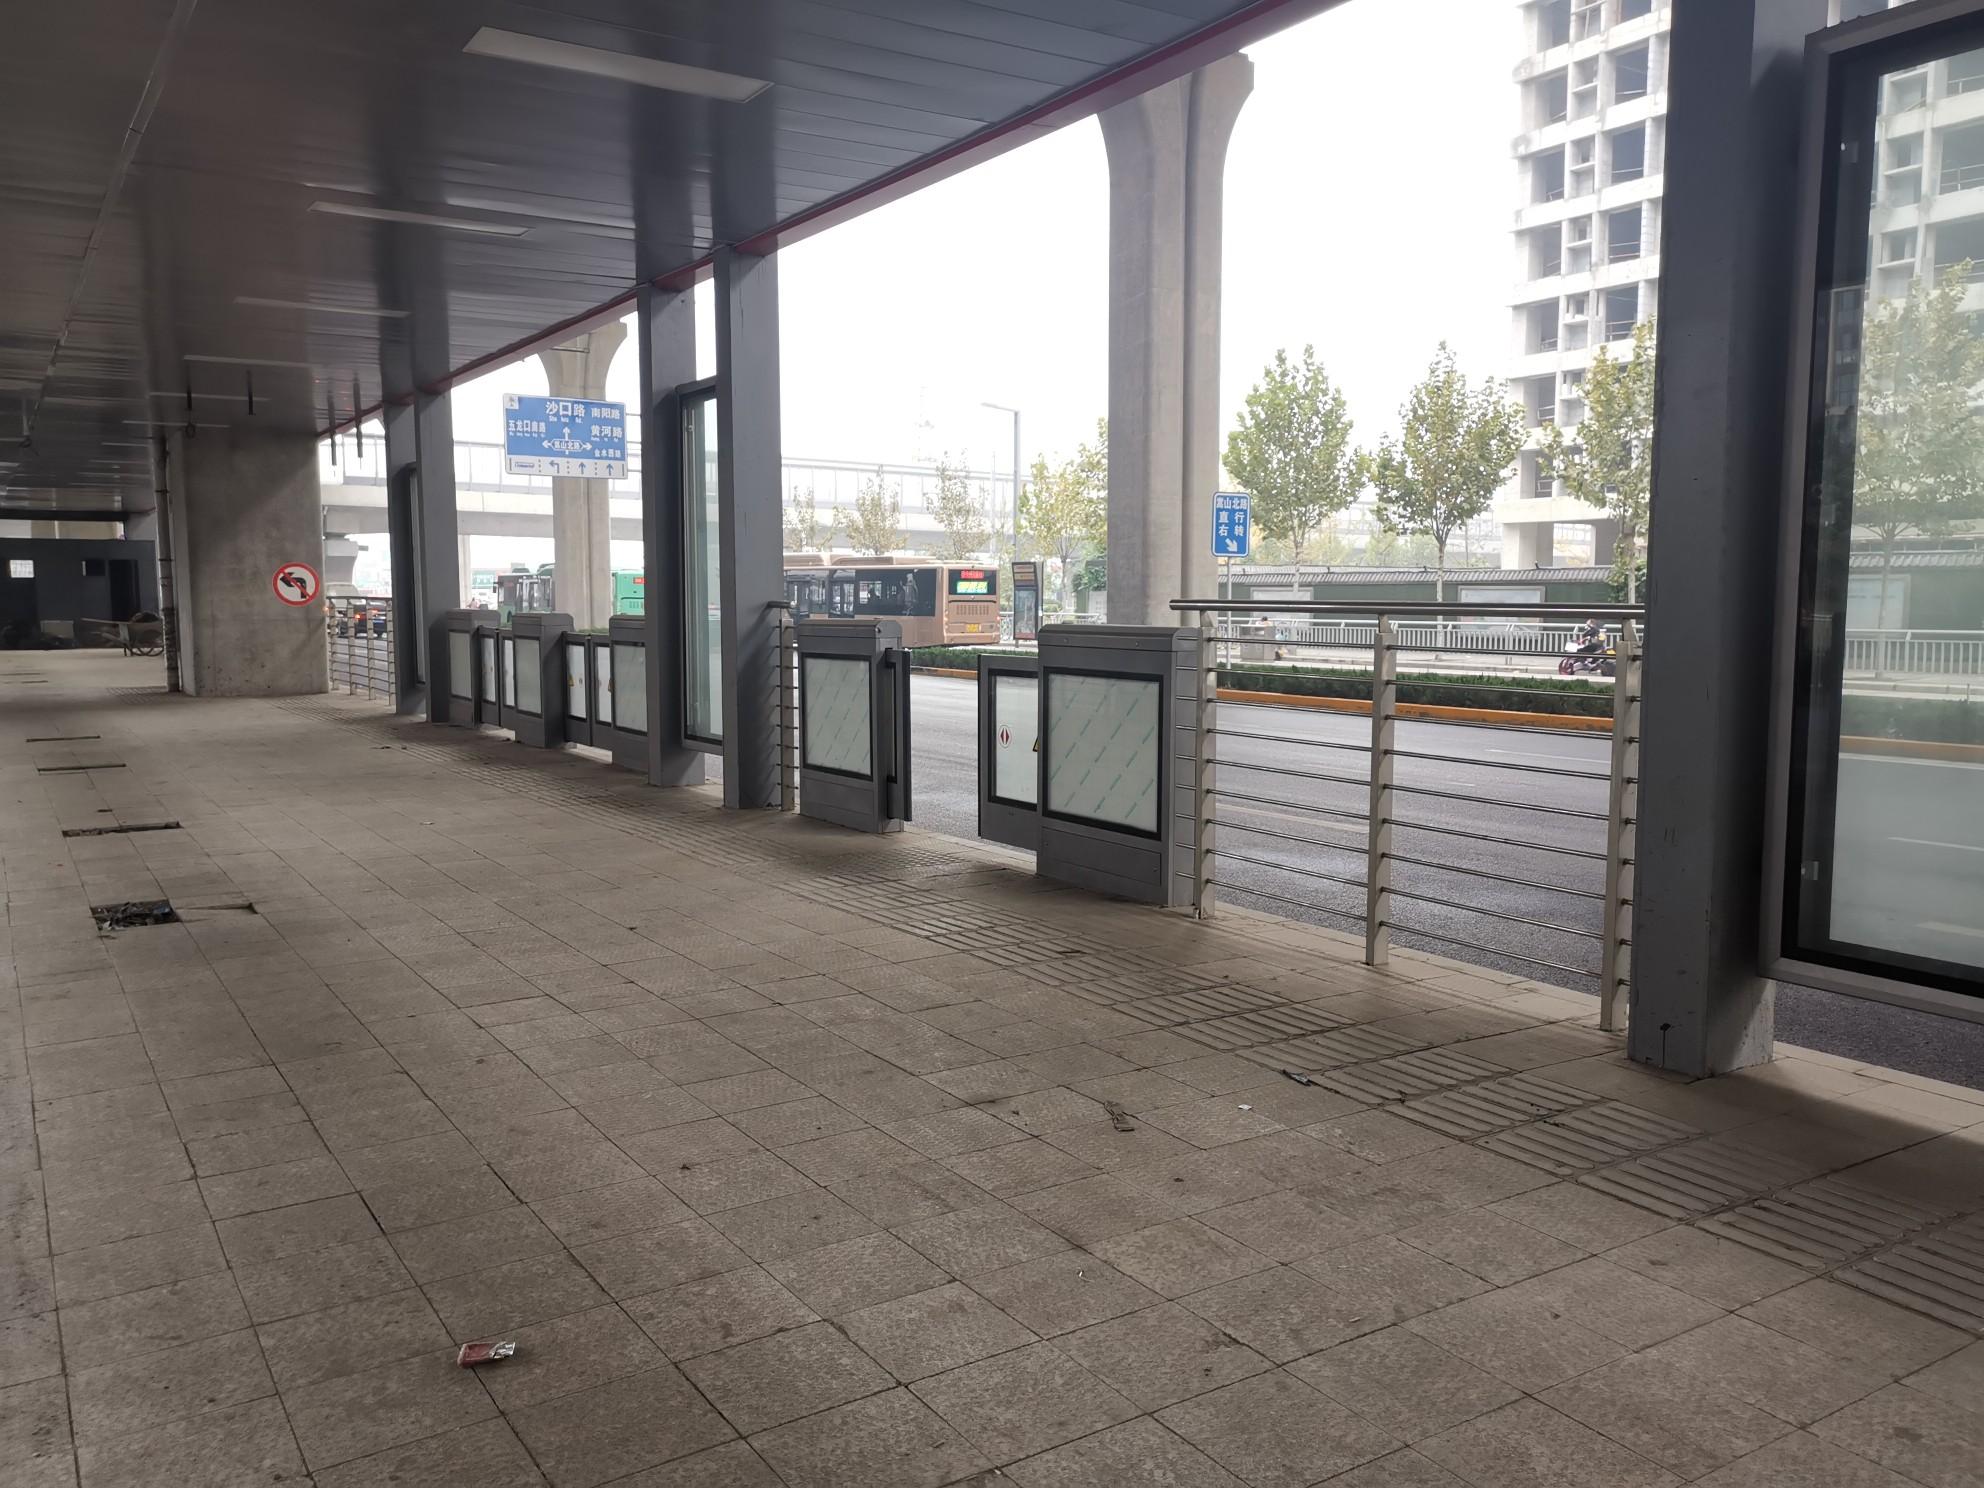 郑州这俩BRT站台,为啥建得这么拖拉?后续:俩BRT站台会在今年11月底与12月底前建成投用